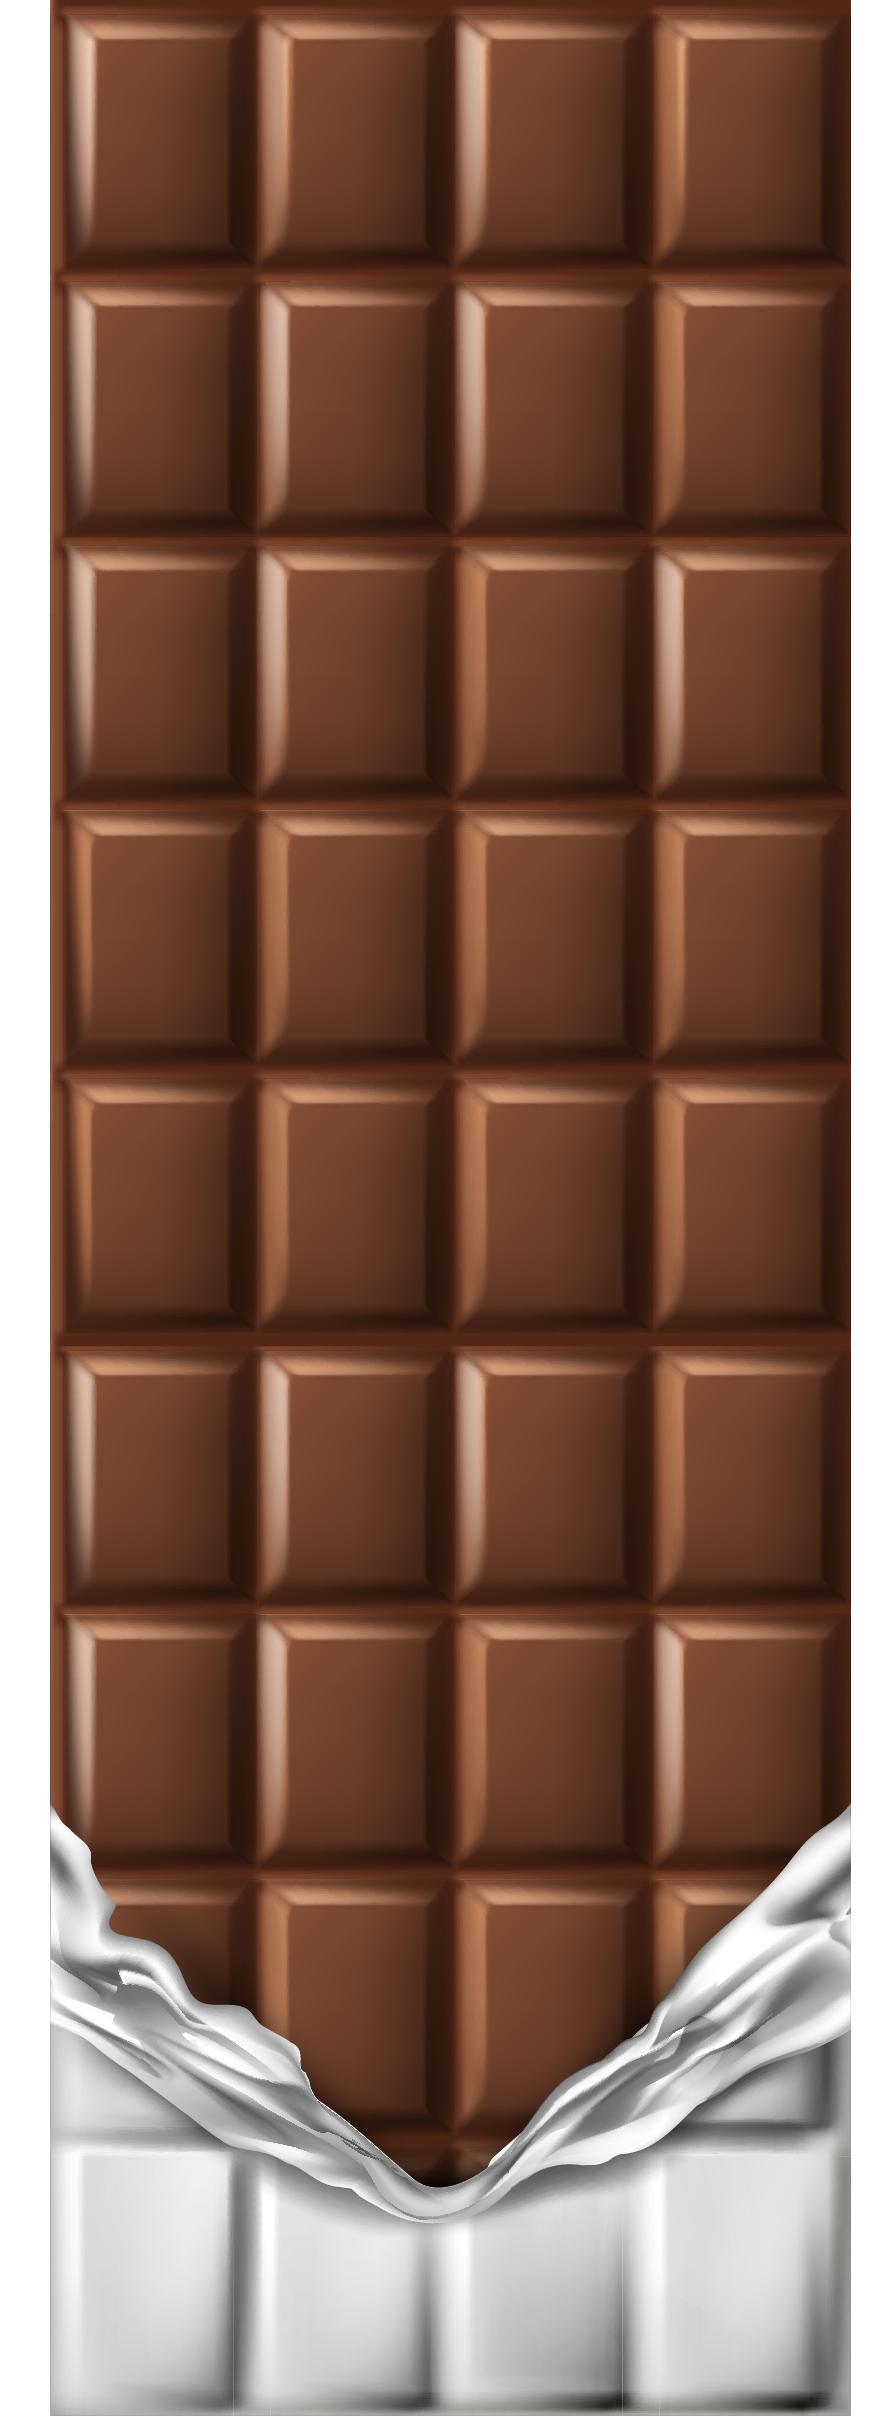 TenVinilo. Vinilo puerta barra de chocolate. Original vinilo adhesivo para puerta formado por el diseño de un tableta de chocolate. Compra Online Segura y Garantizada.